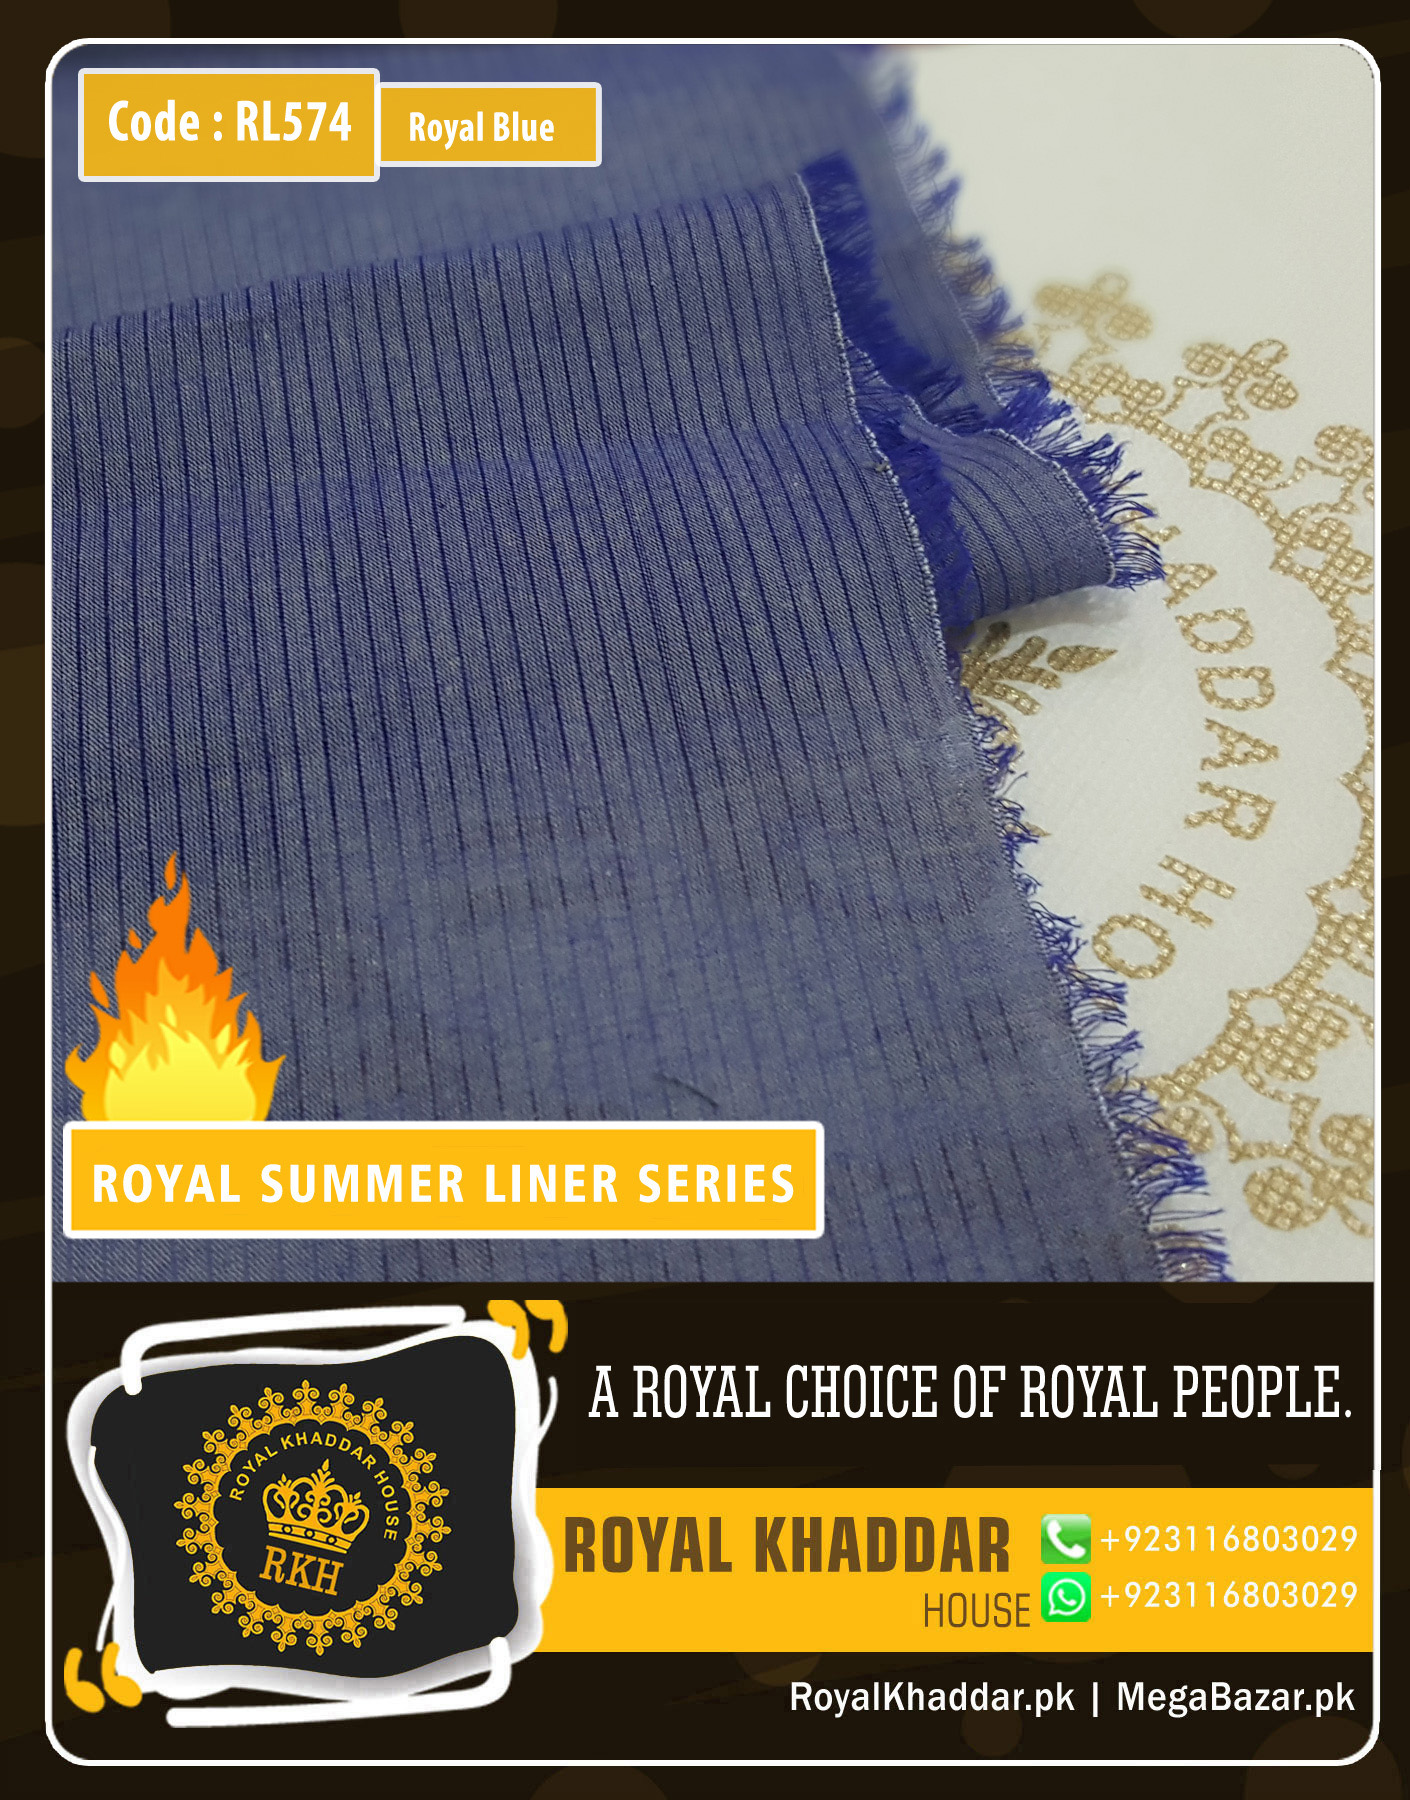 Royal Blue Summer Liner Khaddar